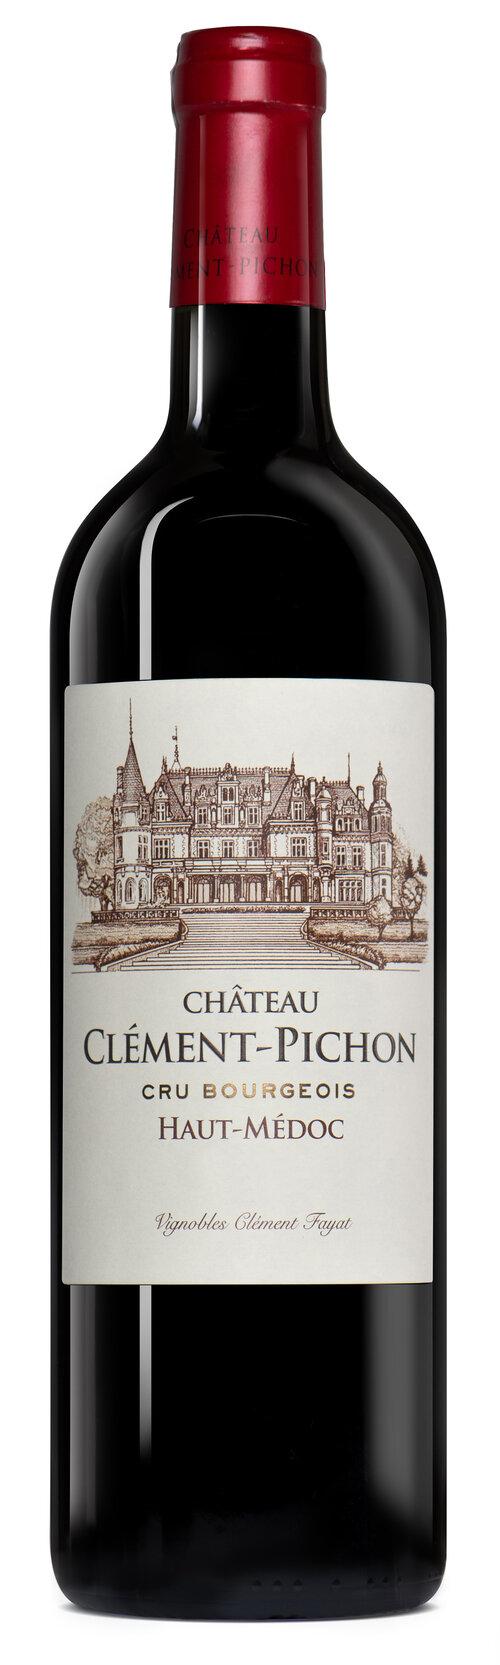 Home - Château Clément Pichon